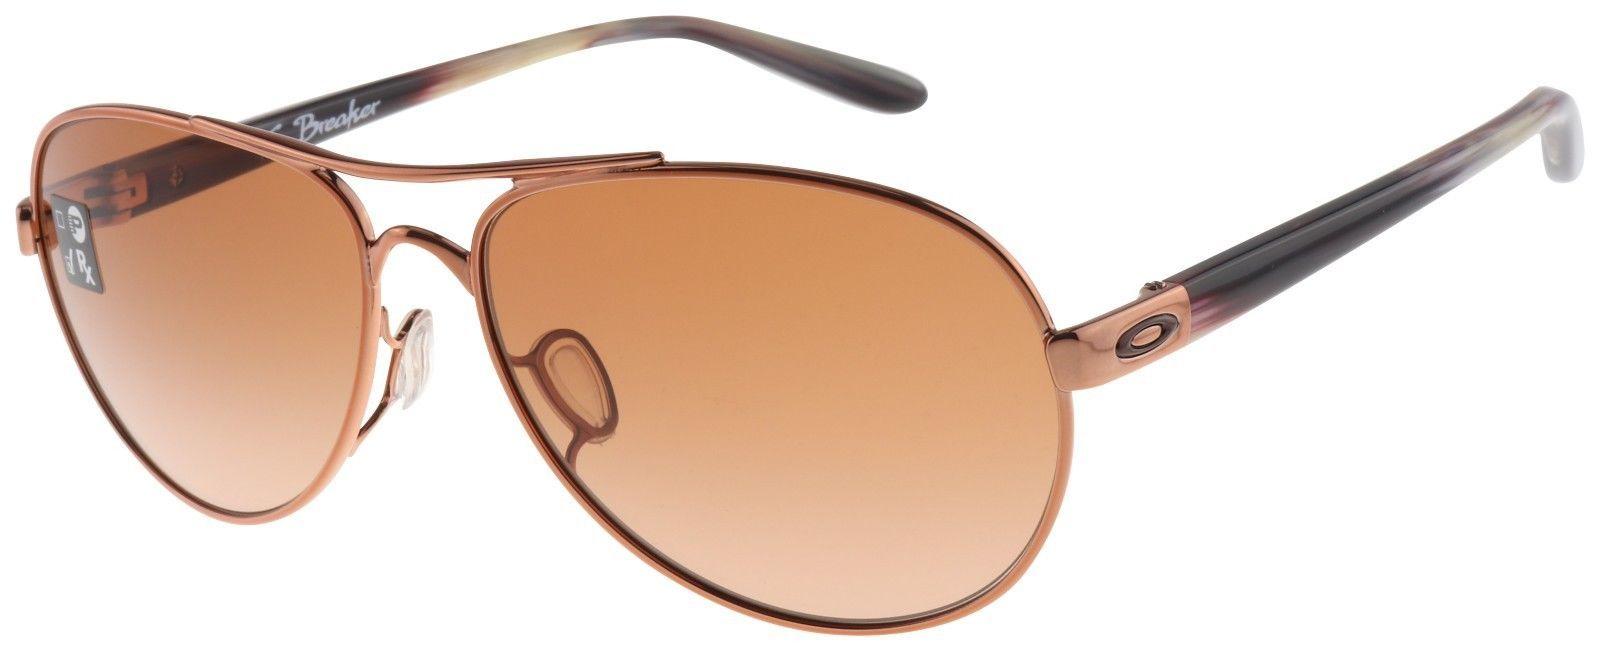 e1c275db31 Oakley Women s Tie Breaker Sunglasses OO4108-08 Rose Gold